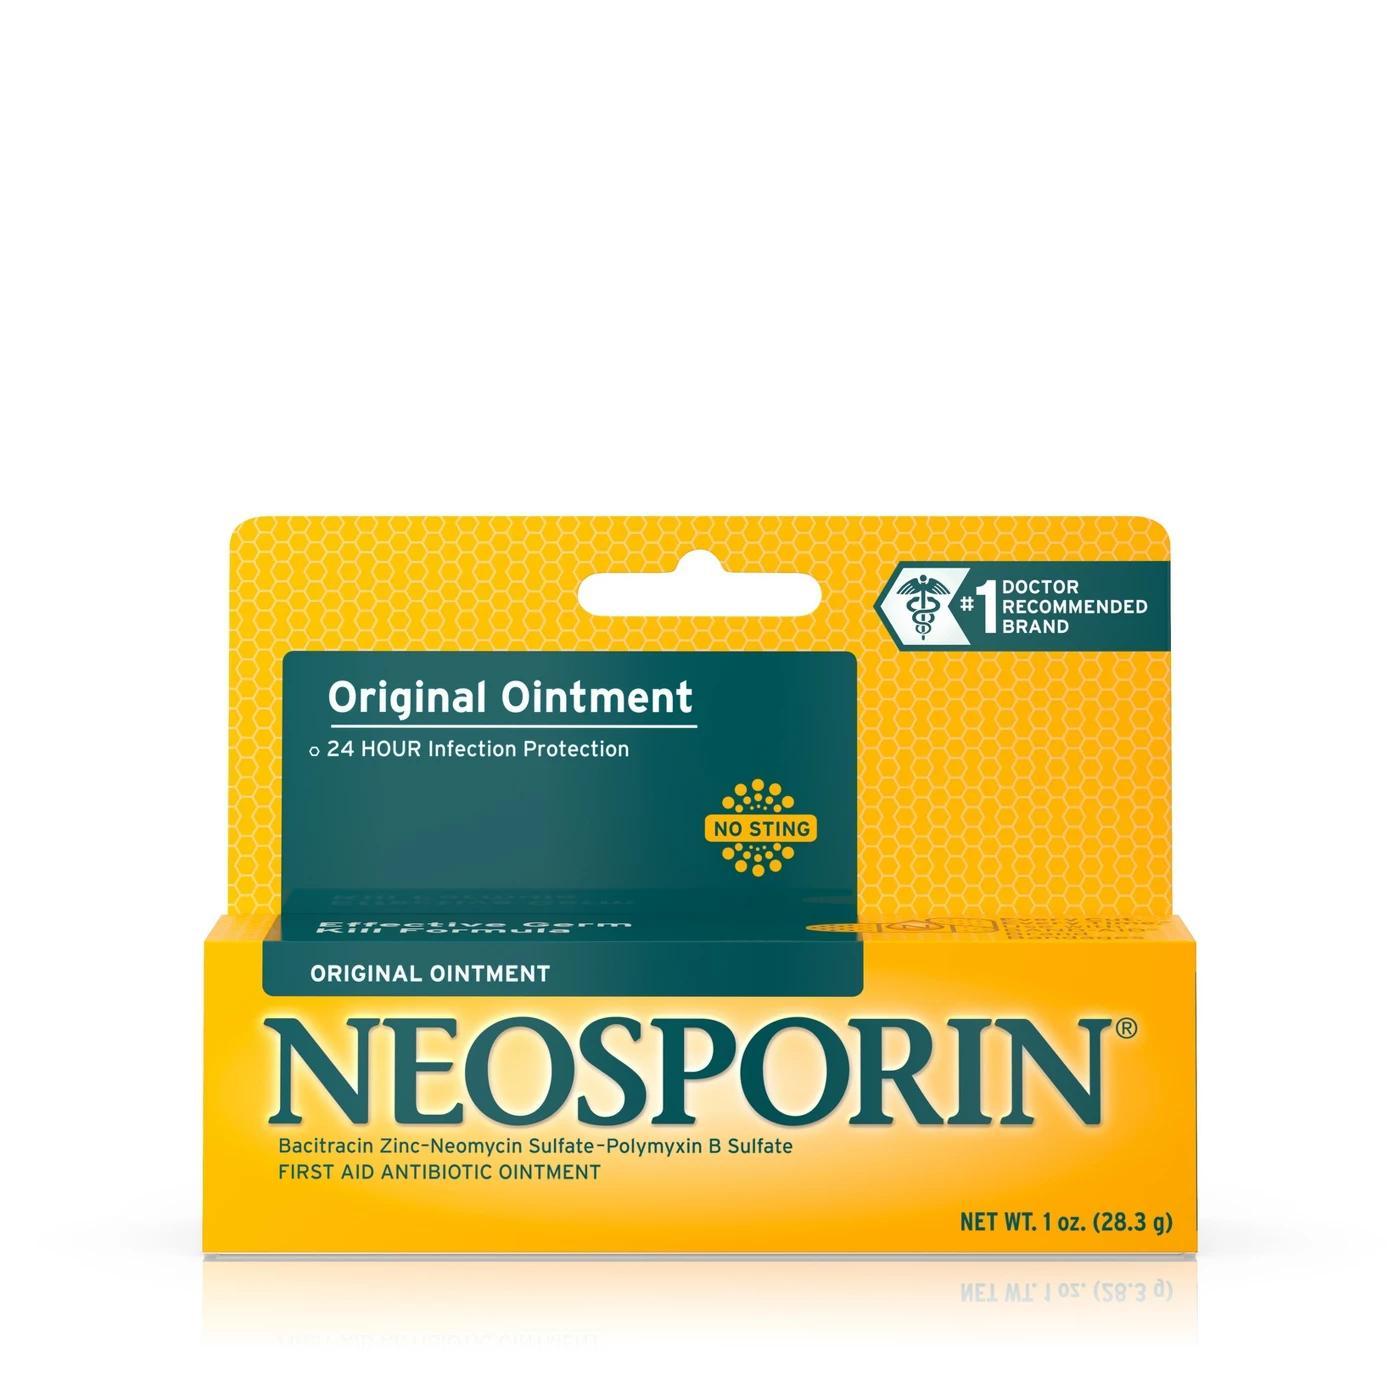 Neosporin Original 28.3g   Kem mỡ sát trùng sơ cứu vết thương   Mua tại Mỹ